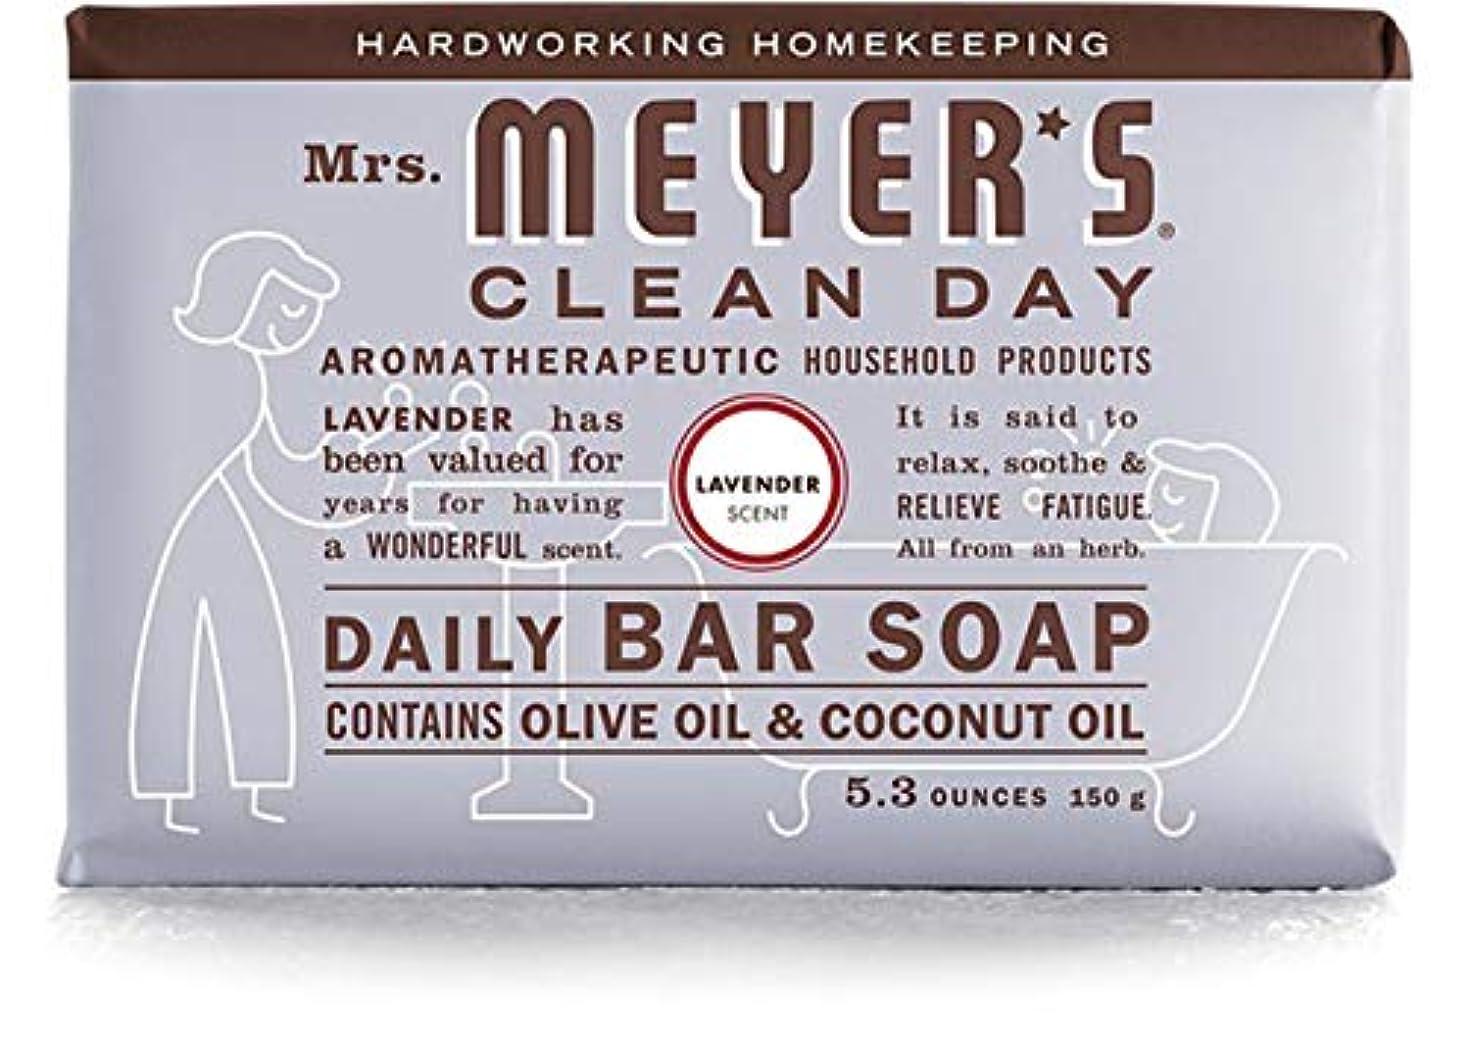 バック直径大胆不敵2 Packs of Mrs. Meyer's Bar Soap - Lavender - 5.3 Oz by Mrs. Meyer's Clean Day